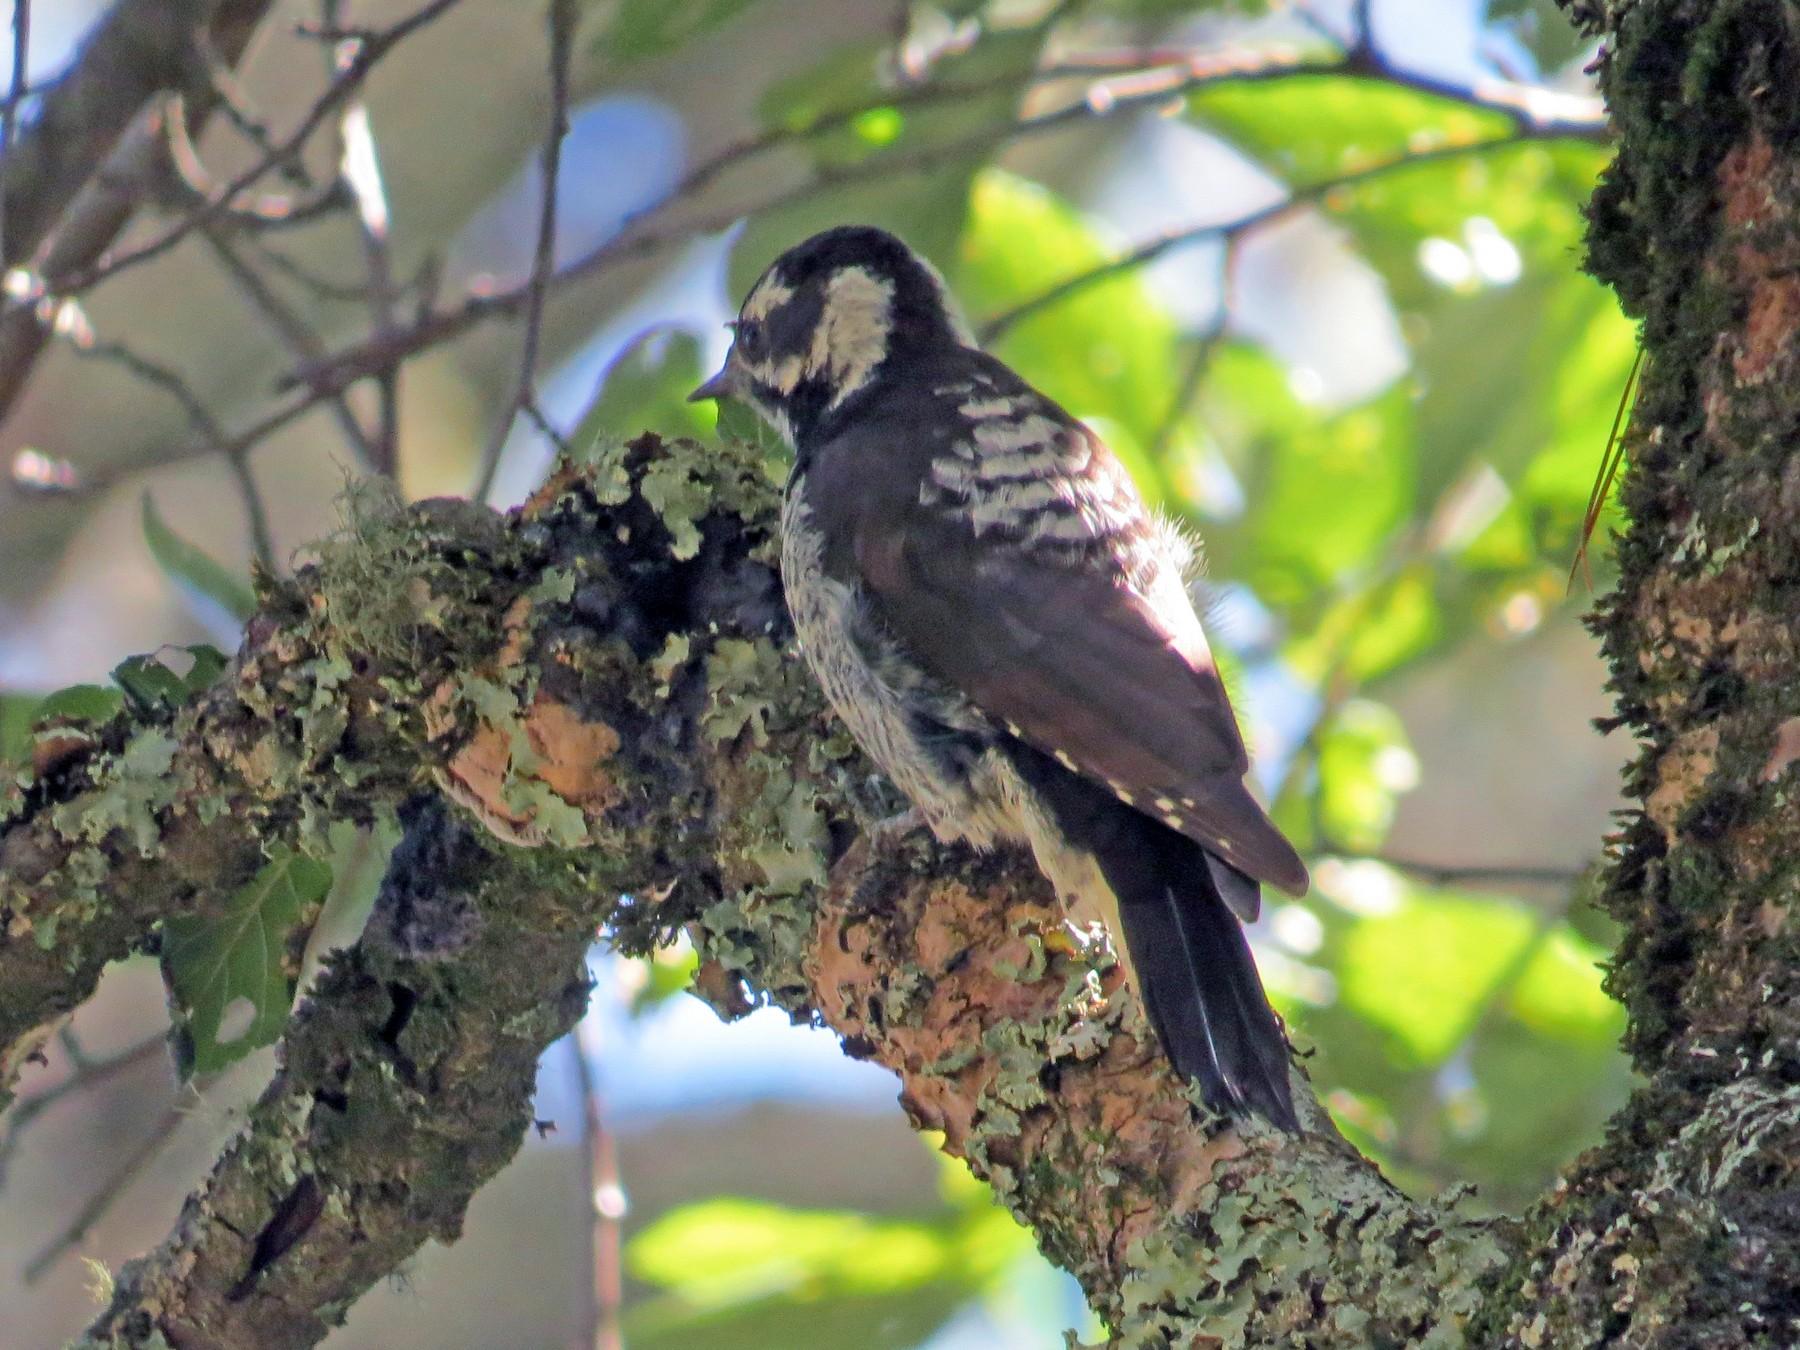 Strickland's Woodpecker - Gerardo Marrón